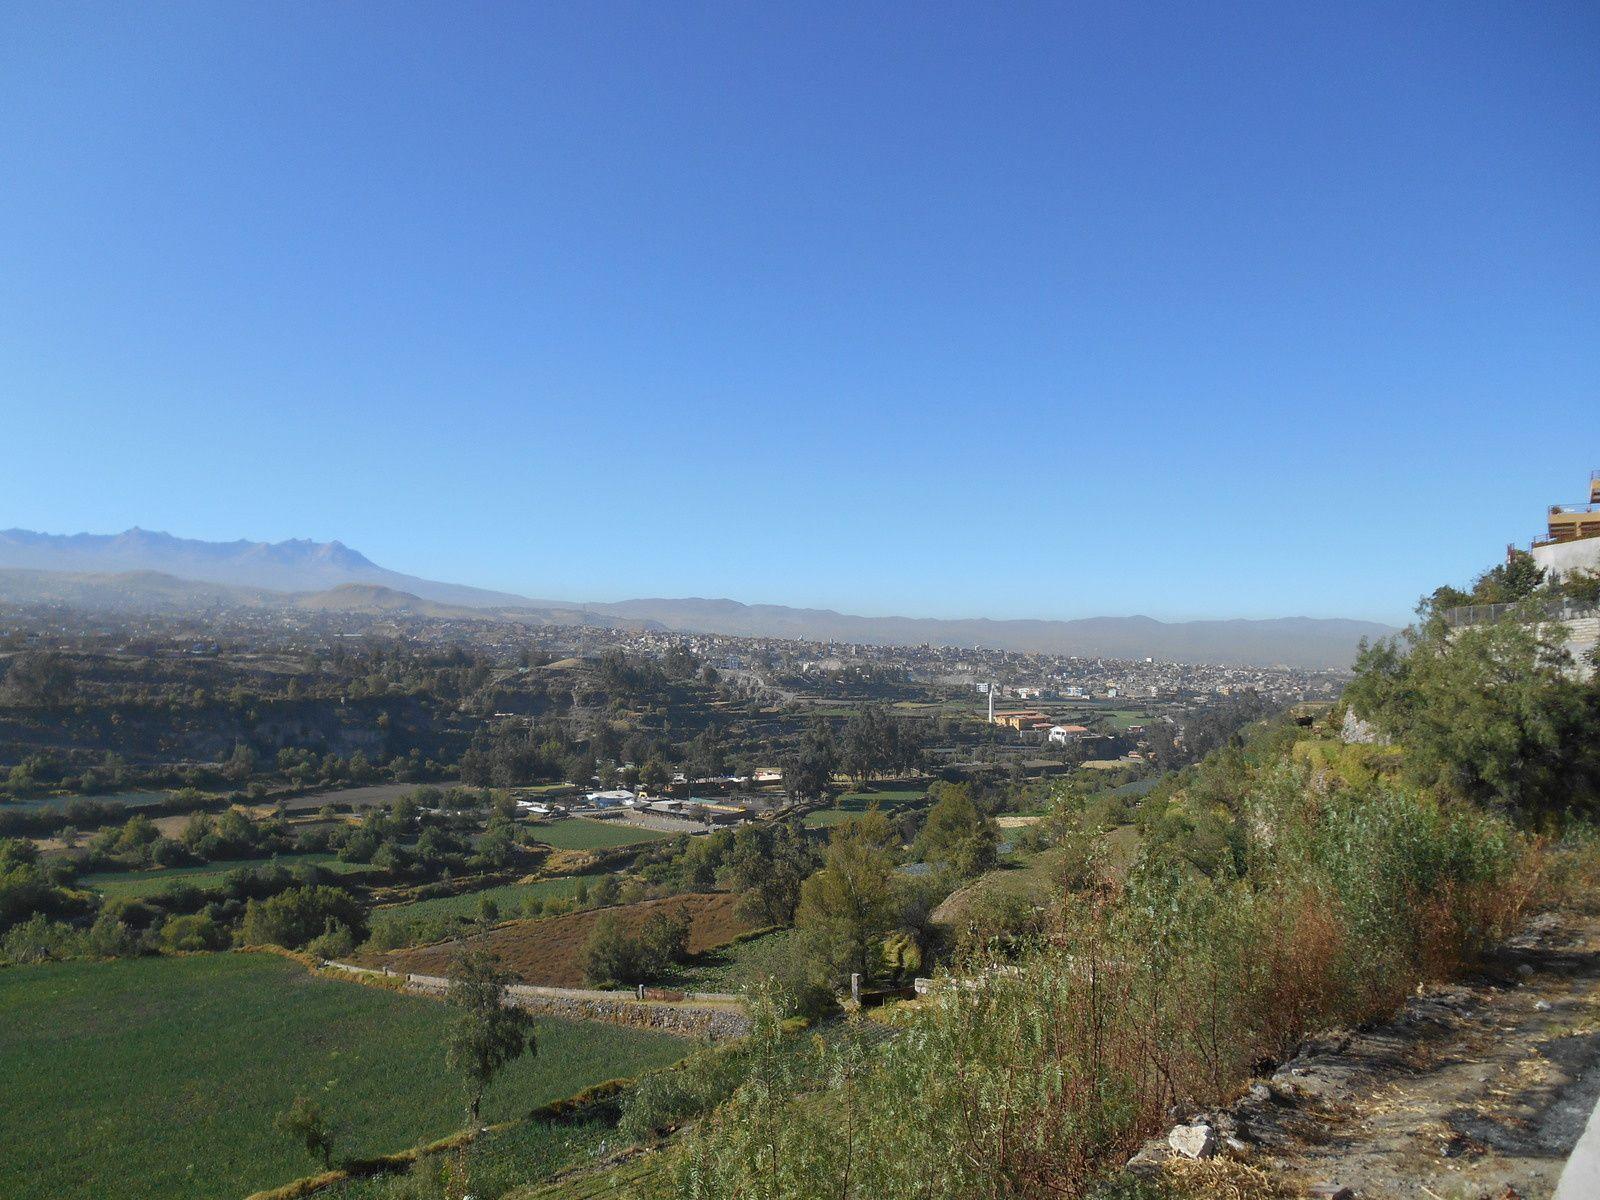 La vallée de la rivière Chili.